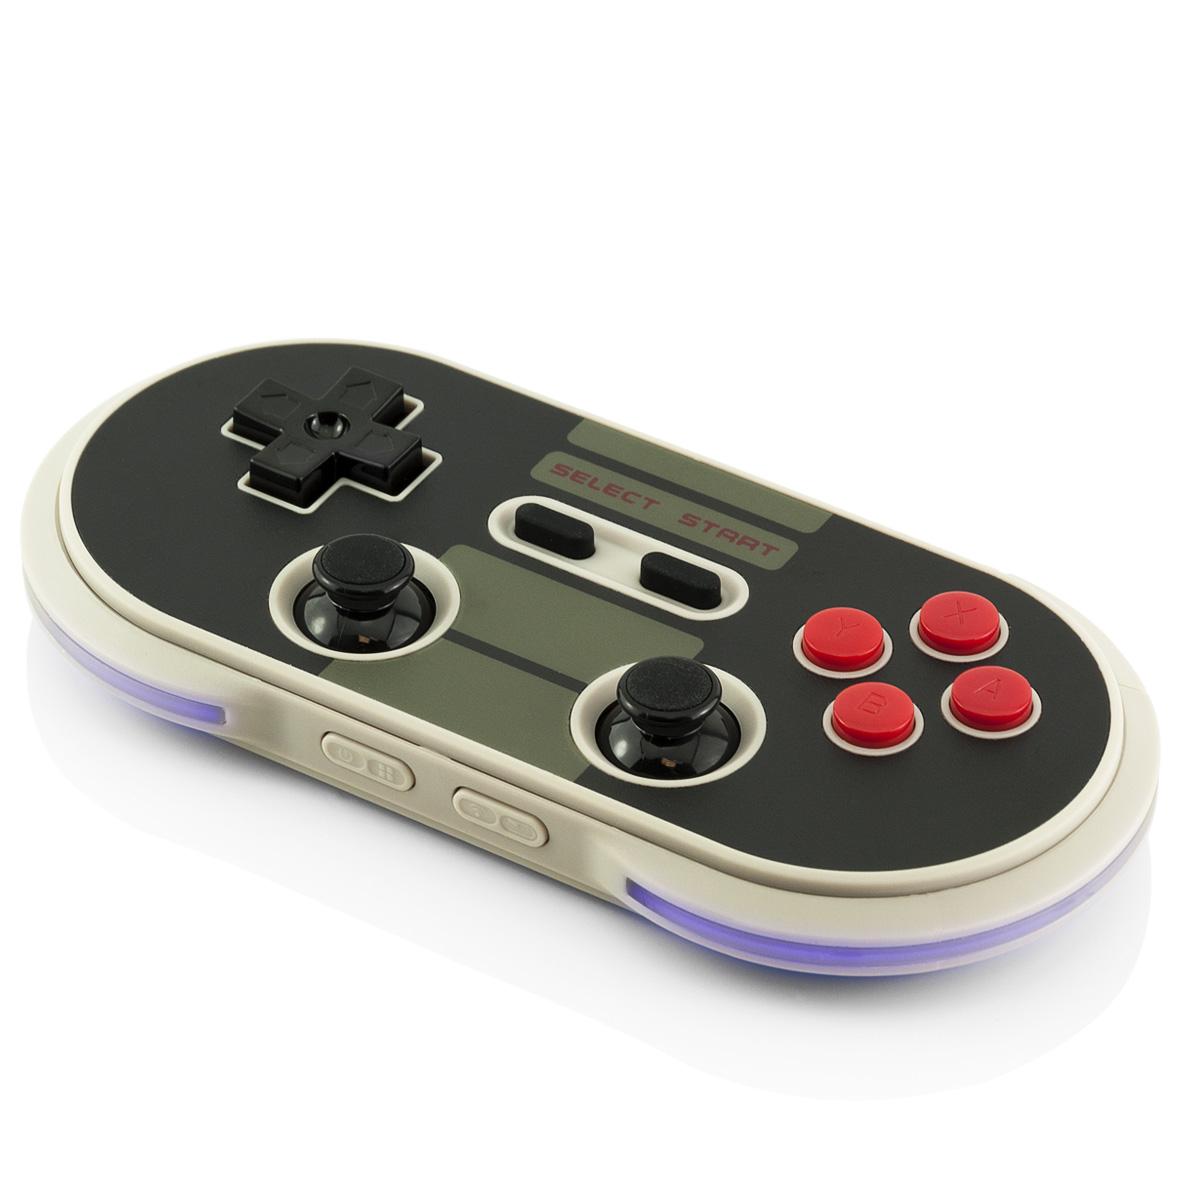 8Bitdo Bluetooth Gamepad NES30 Game Controller Retro Apple iOS Android Windows